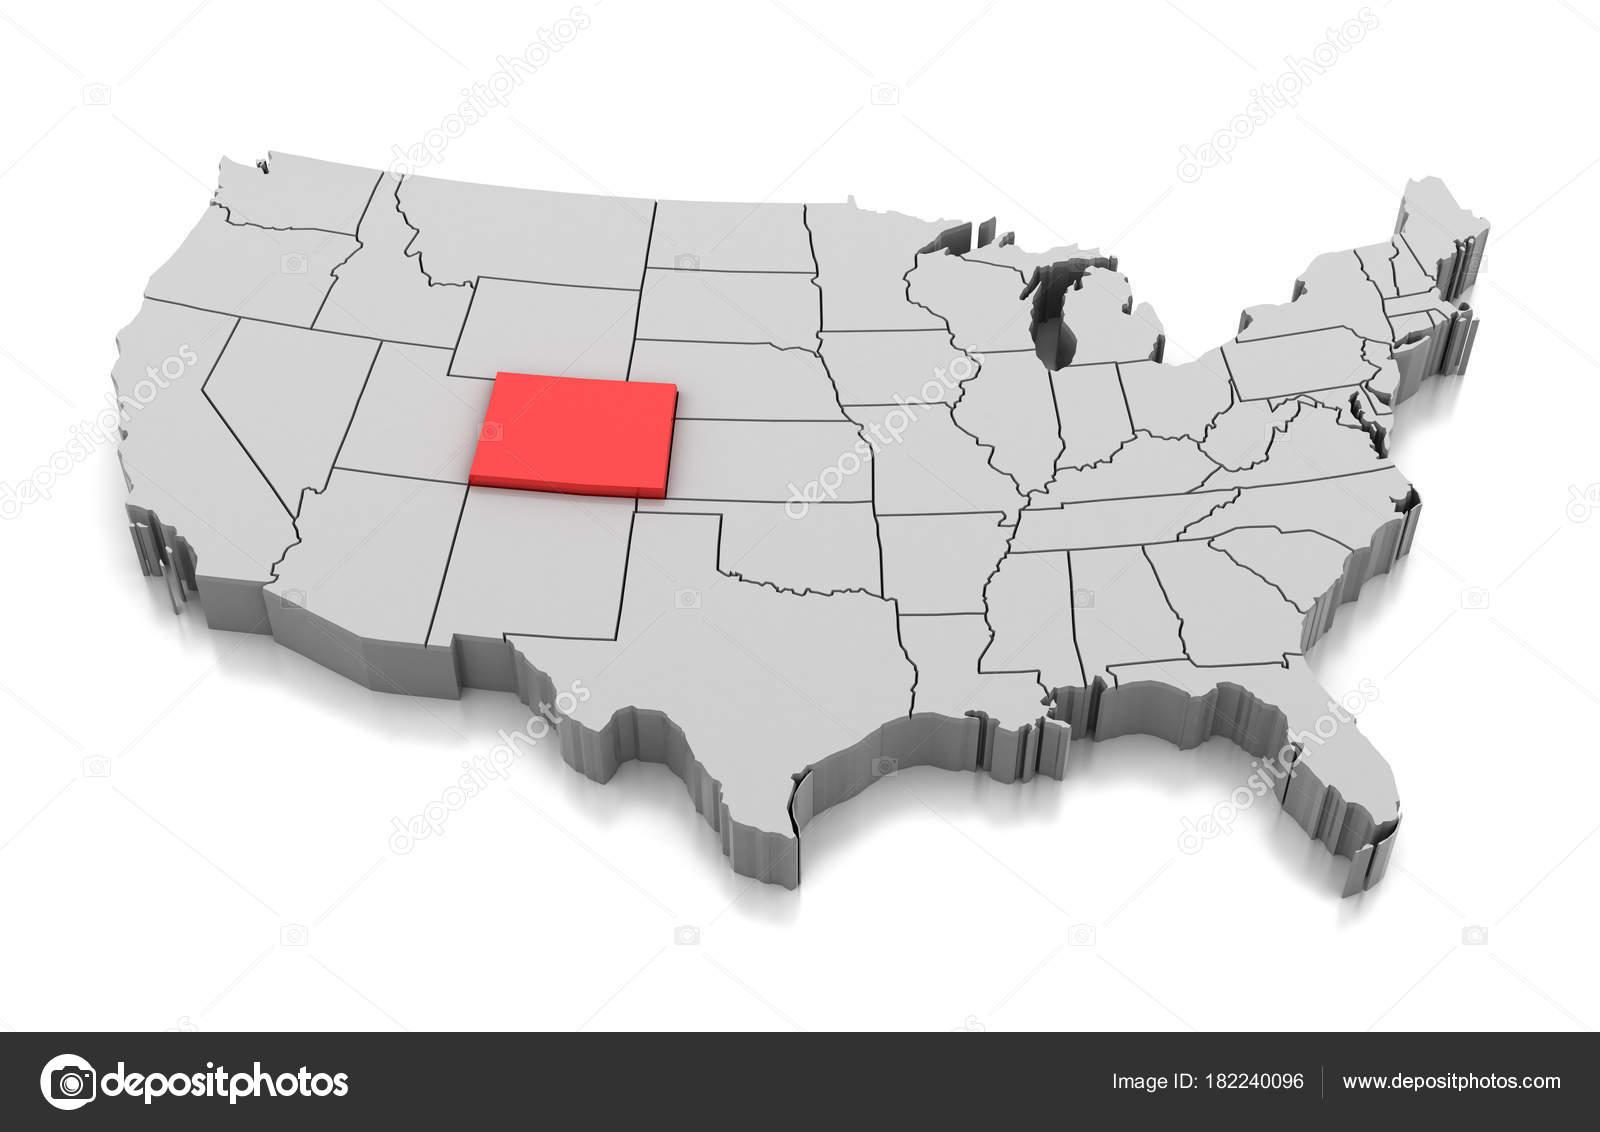 Colorado Karte.Karte Von Colorado State Usa Stockfoto Md3d 182240096